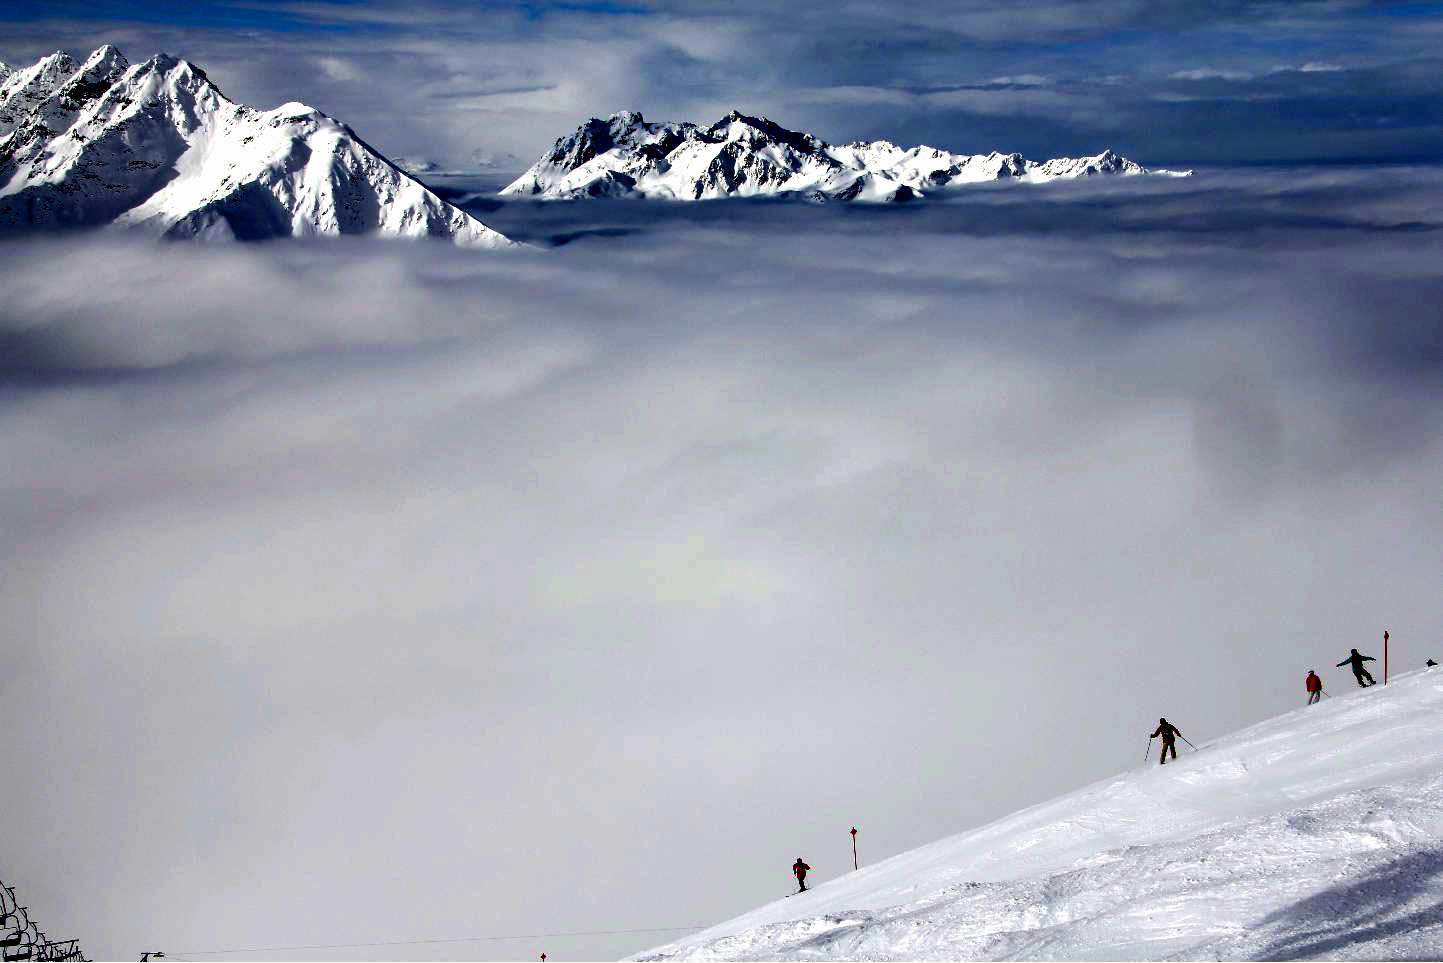 Cloud skiing © JonoVernon-Powell